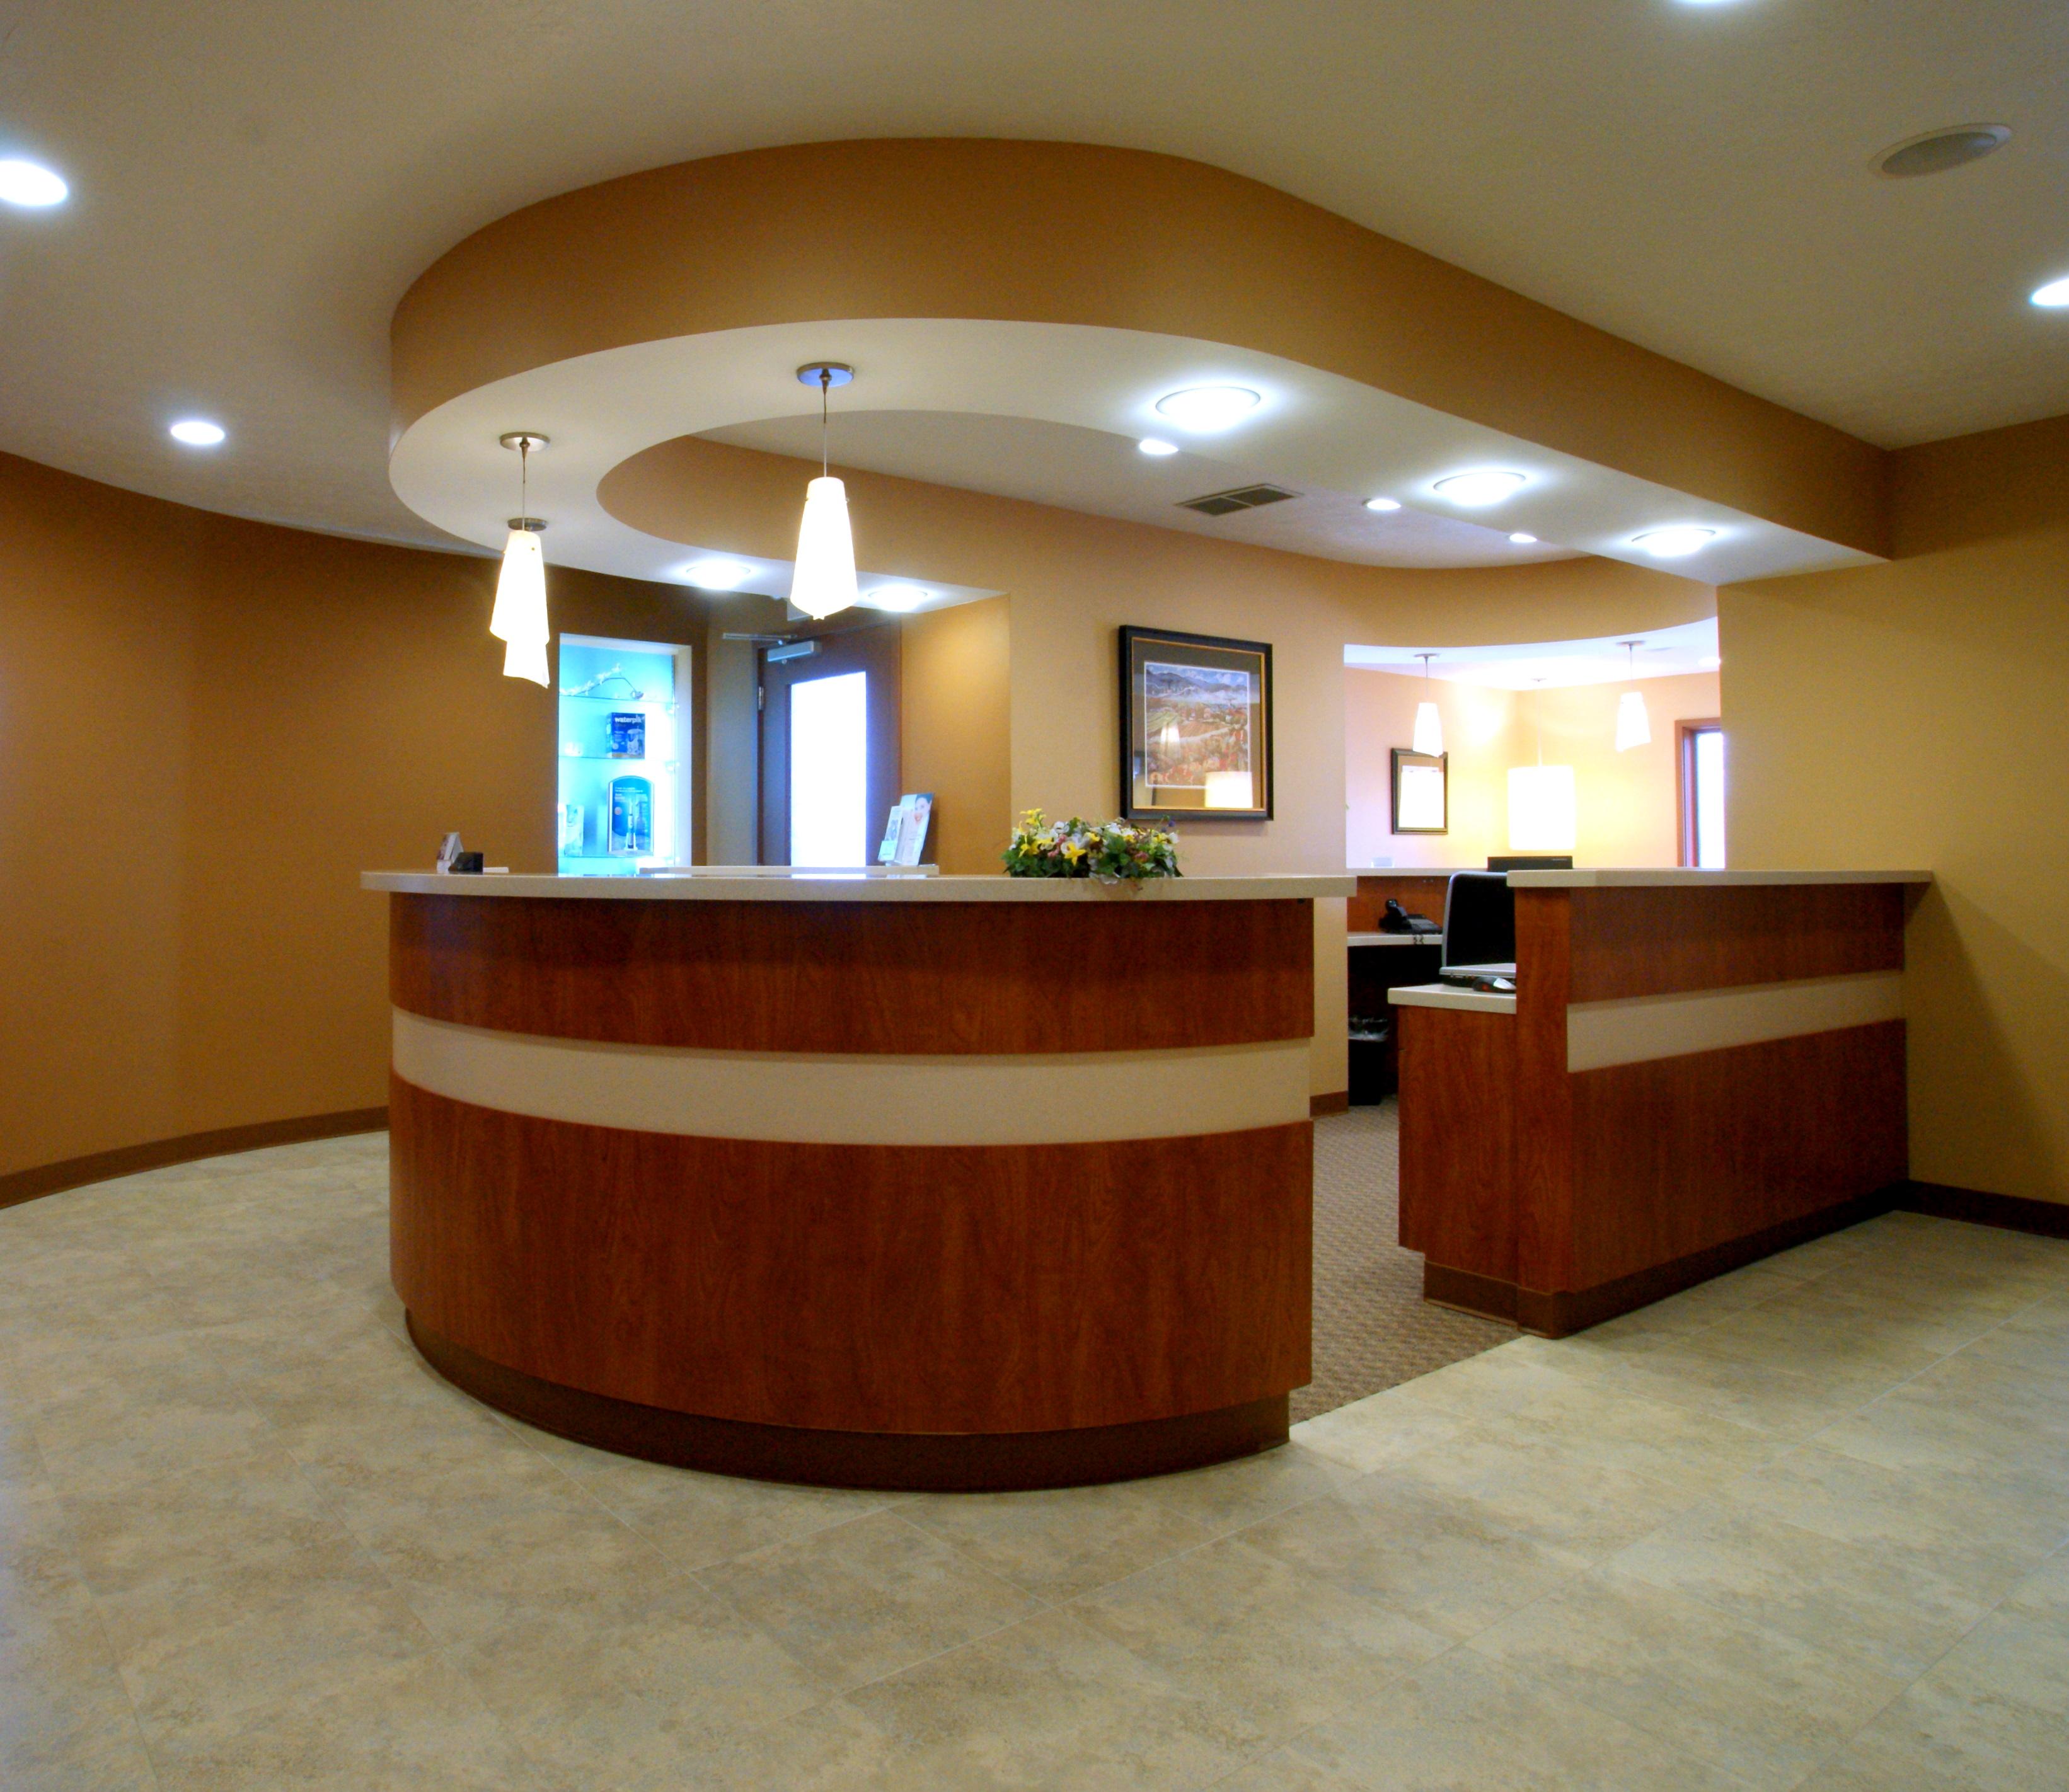 2010 april archive k ster dental weblog for Office reception design